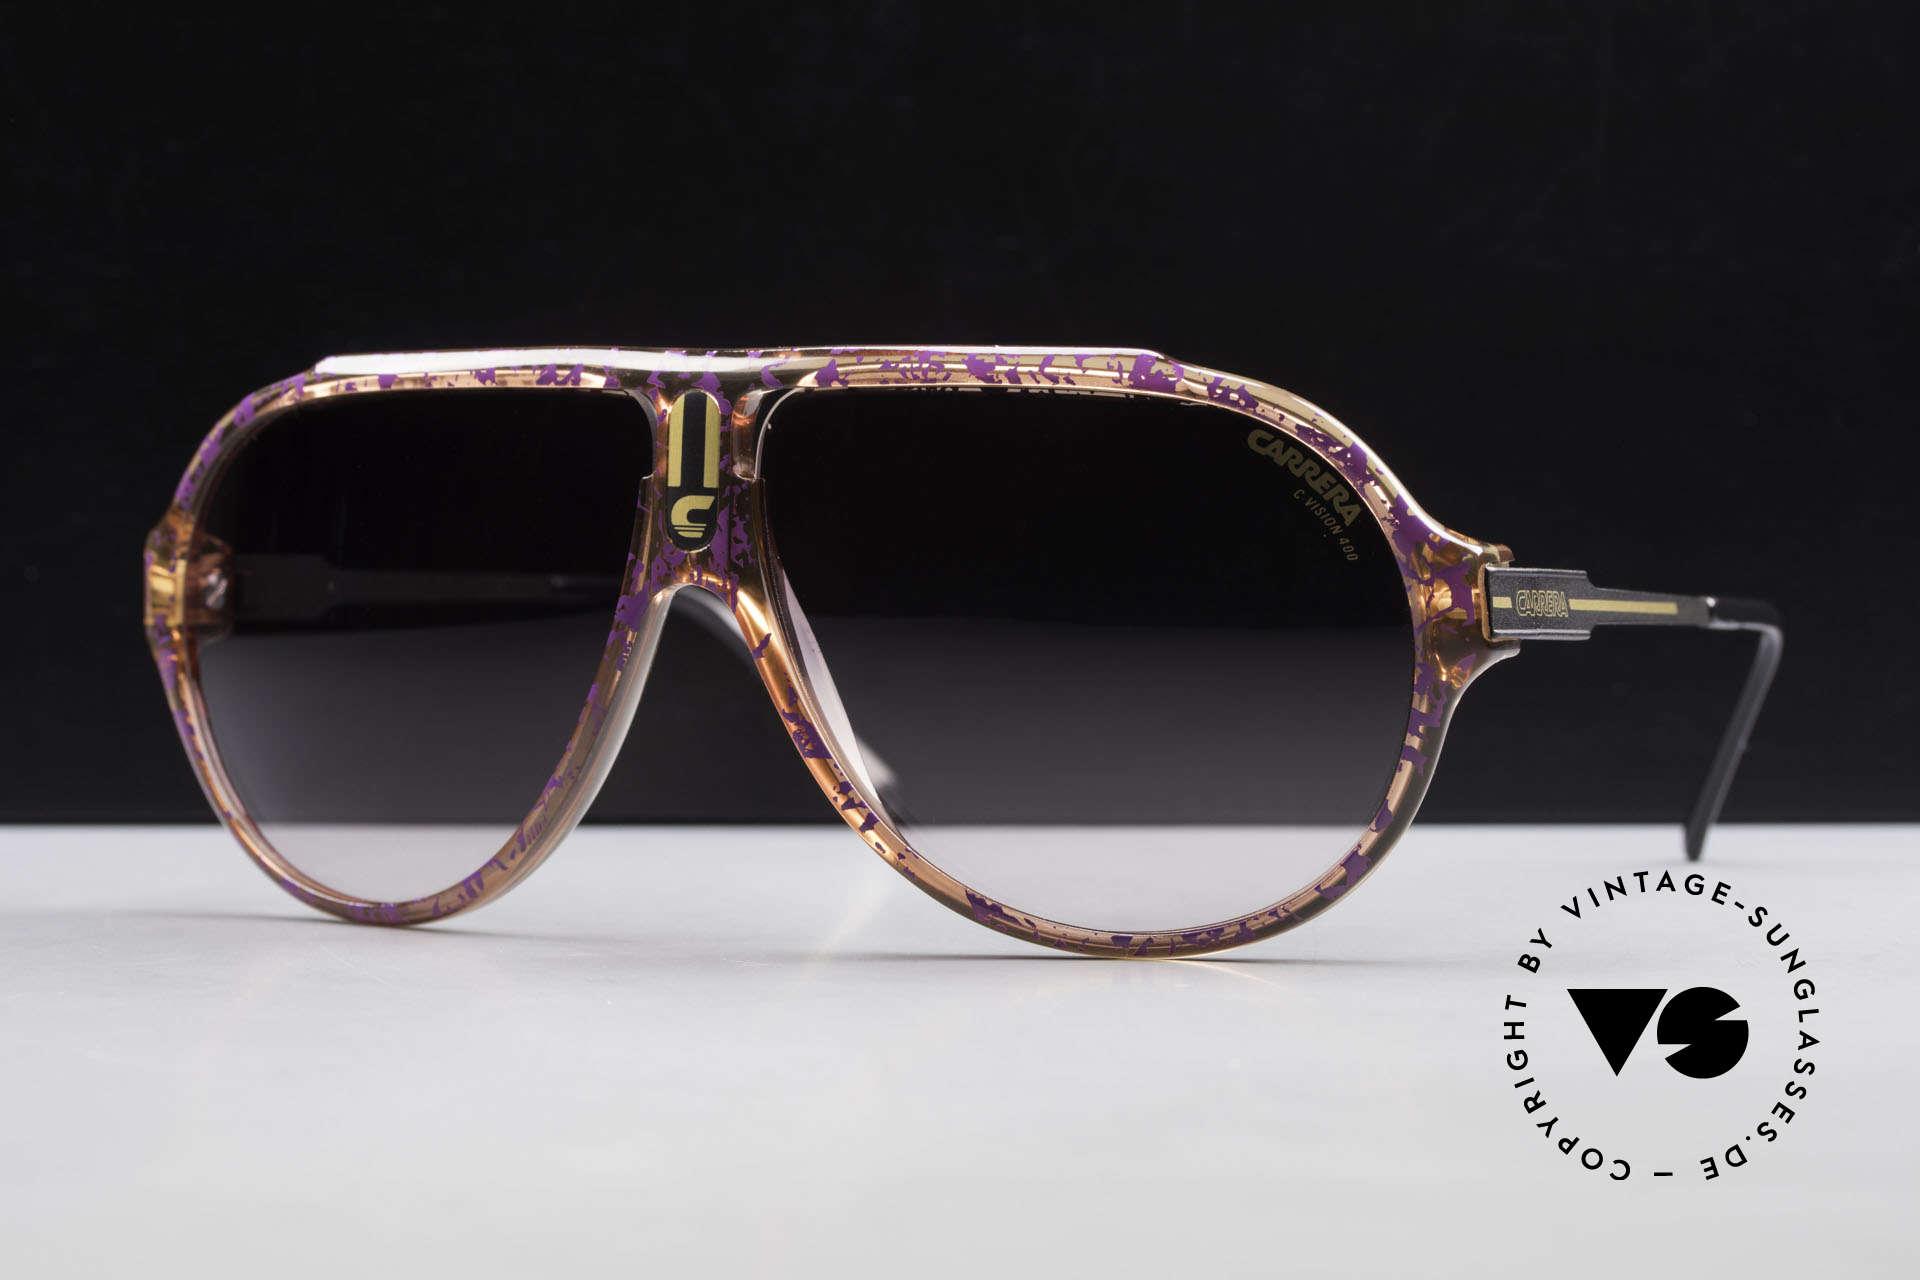 Carrera 5565 Alte Vintage 80er Sonnenbrille, langlebiges Optyl-Material (scheint nicht zu altern), Passend für Herren und Damen